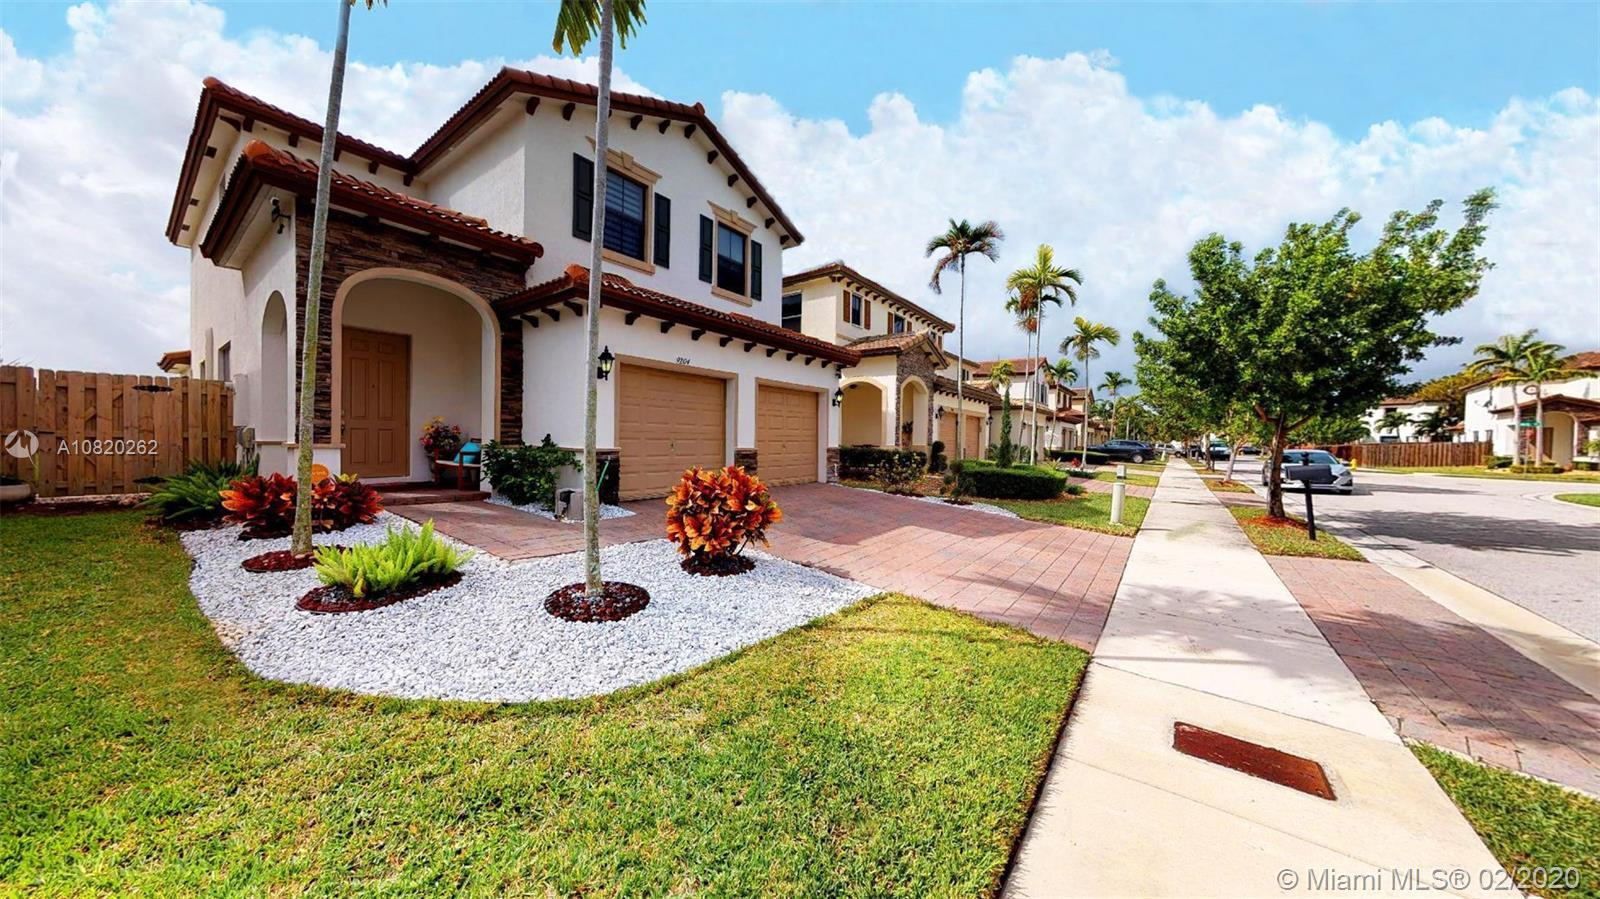 9204 SW 227th Ln, Cutler Bay, FL 33190 - Cutler Bay, FL real estate listing